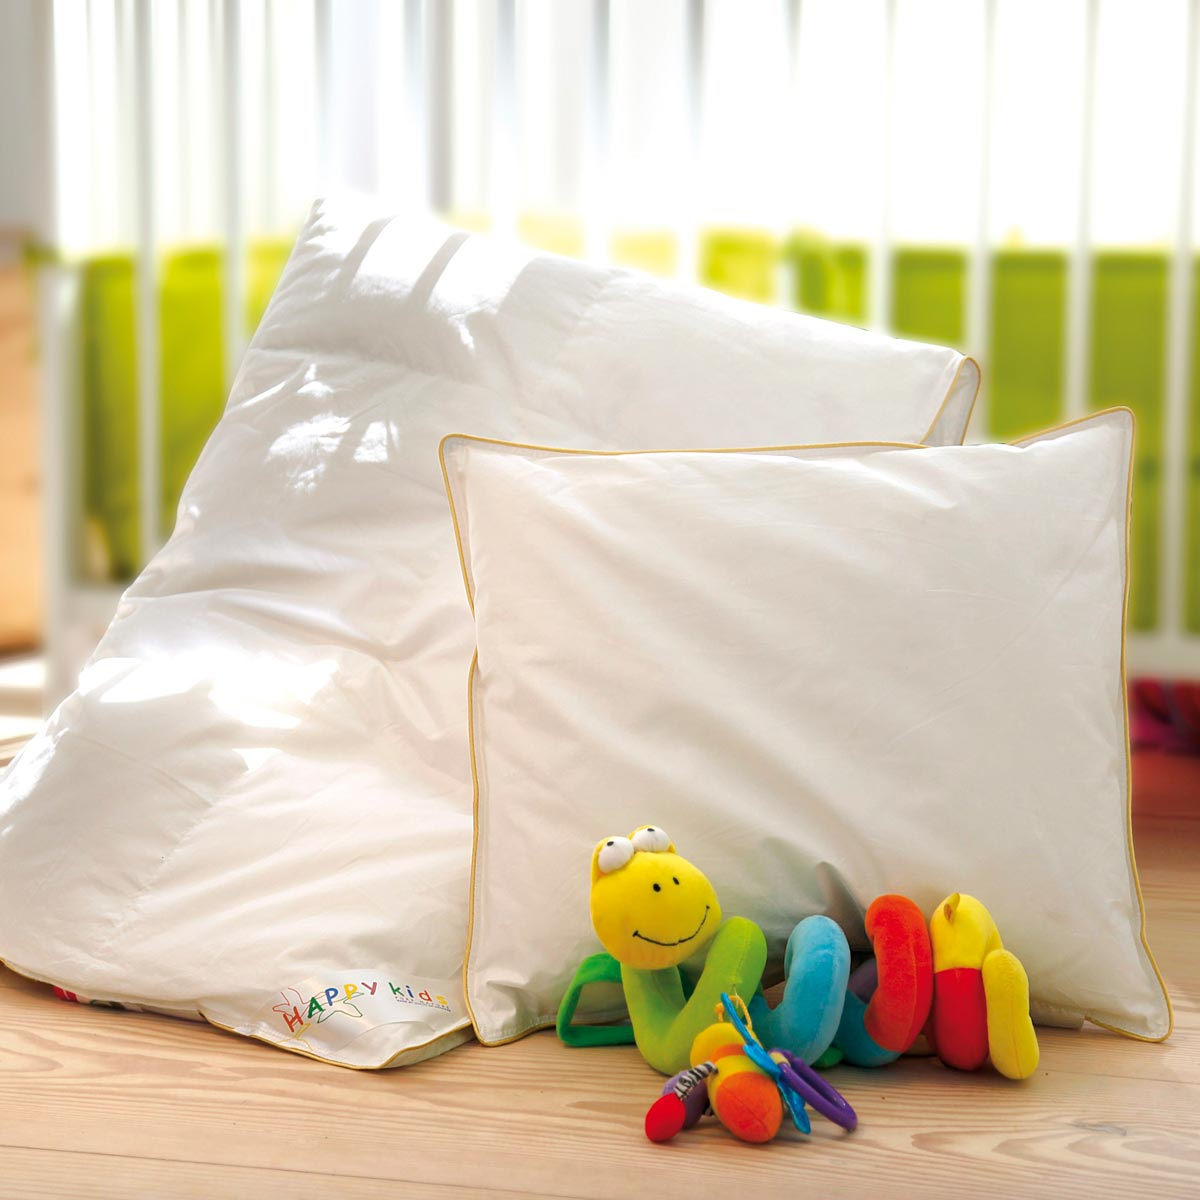 juniordyne Happy Kids juniordyne + pude med gåsedun (helår)   Dynehuset juniordyne